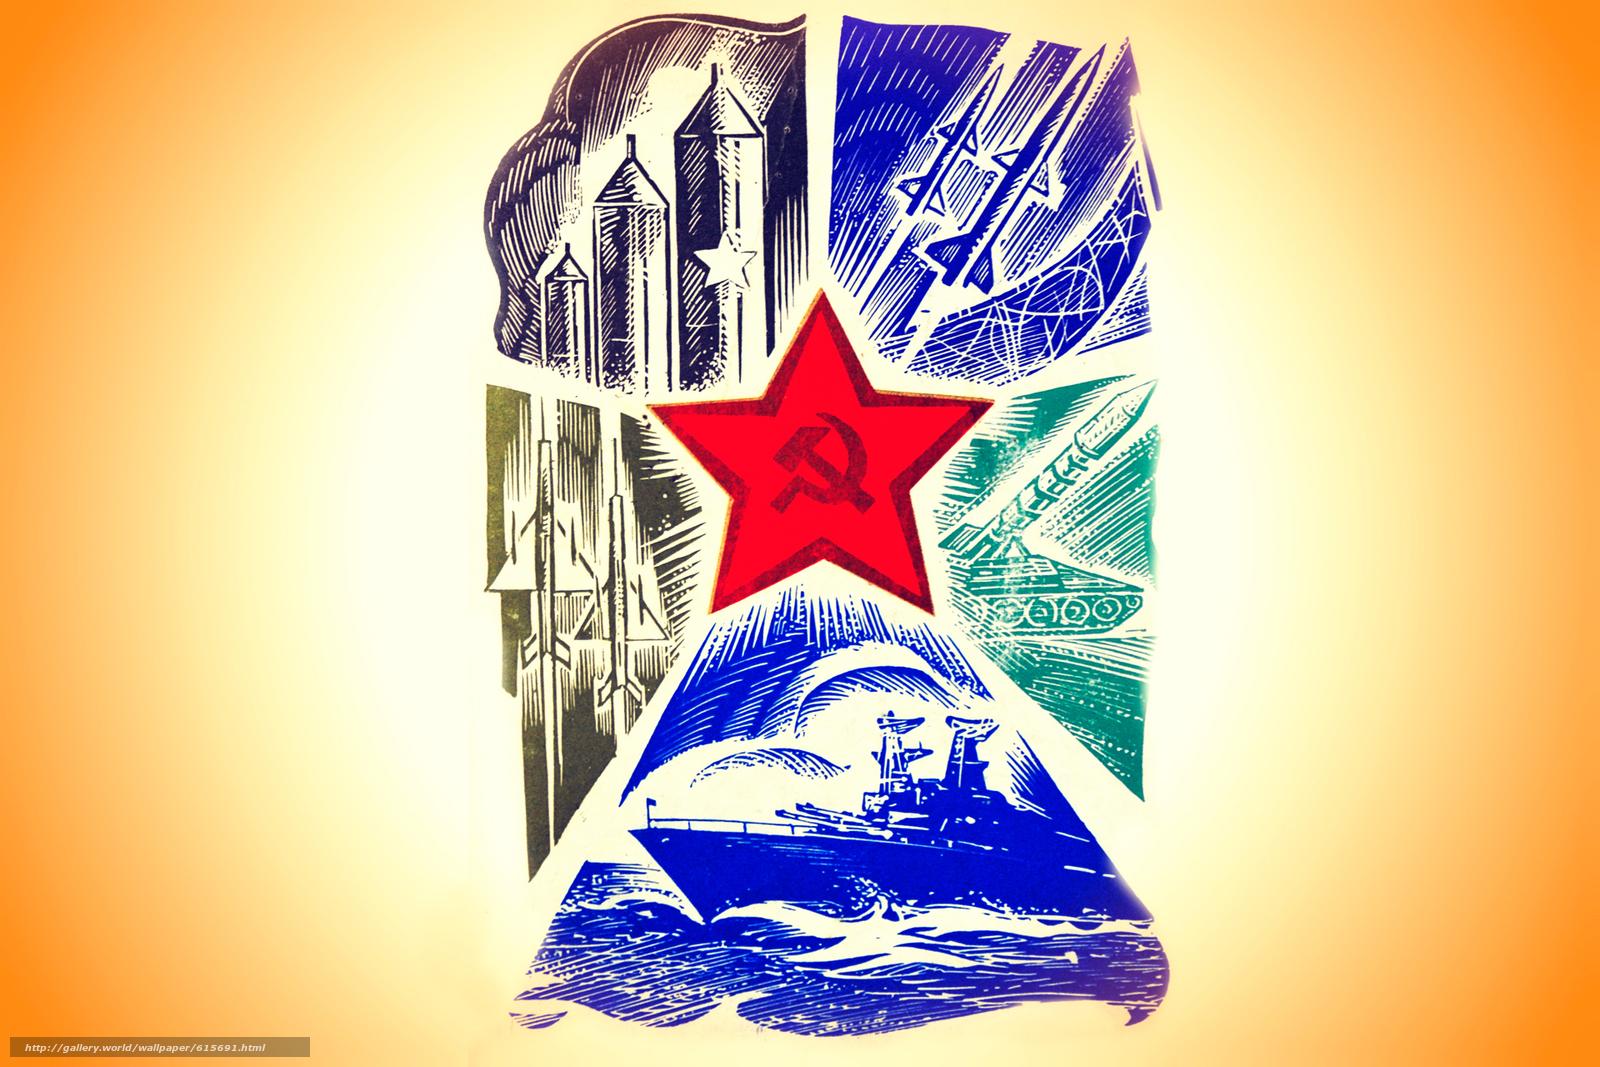 23 февраля, день, Советская, армия, отечество, СССР, звезда, серп и молот, флот, ВМФ, ракеты